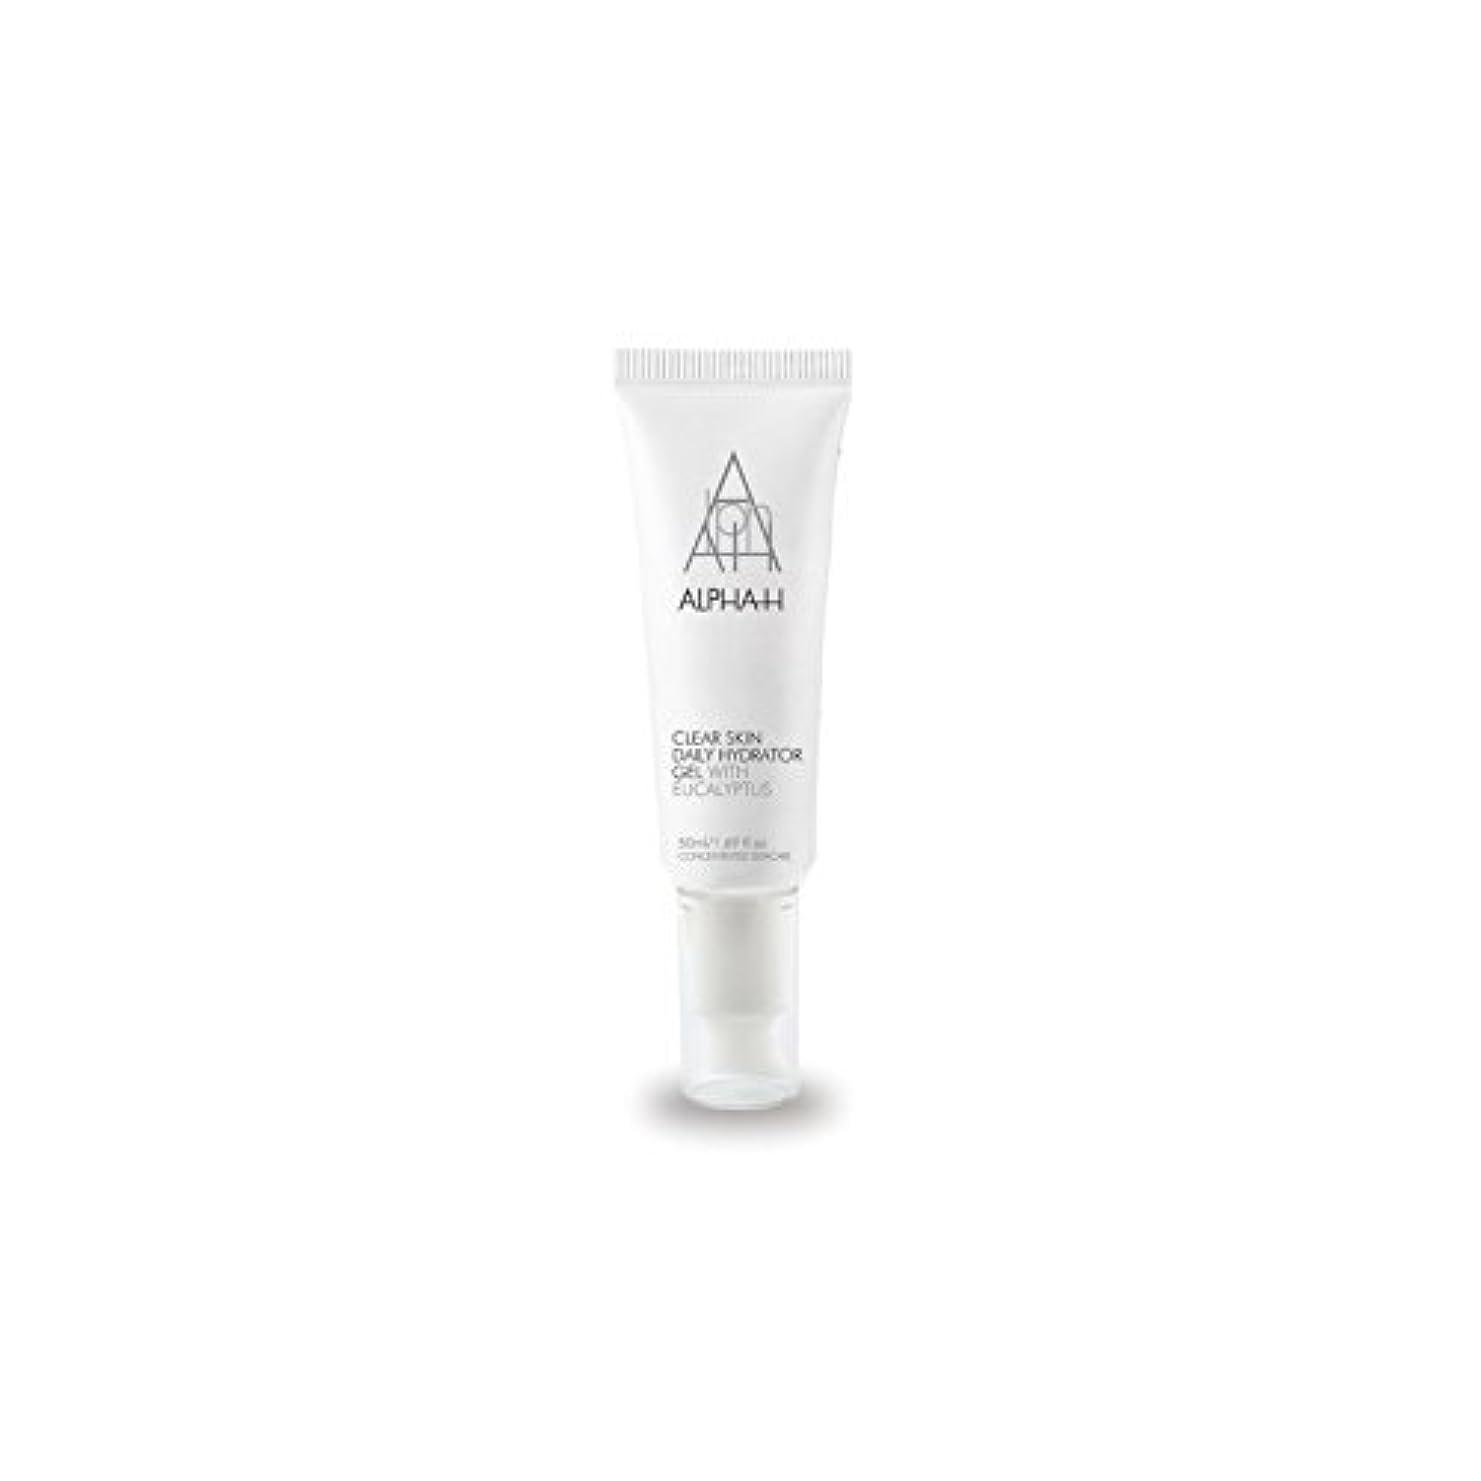 予見する血色の良い降臨Alpha-H Clear Skin Daily Hydrator Gel (50ml) (Pack of 6) - アルファクリア皮膚毎日ハイドレーターゲル(50)中 x6 [並行輸入品]